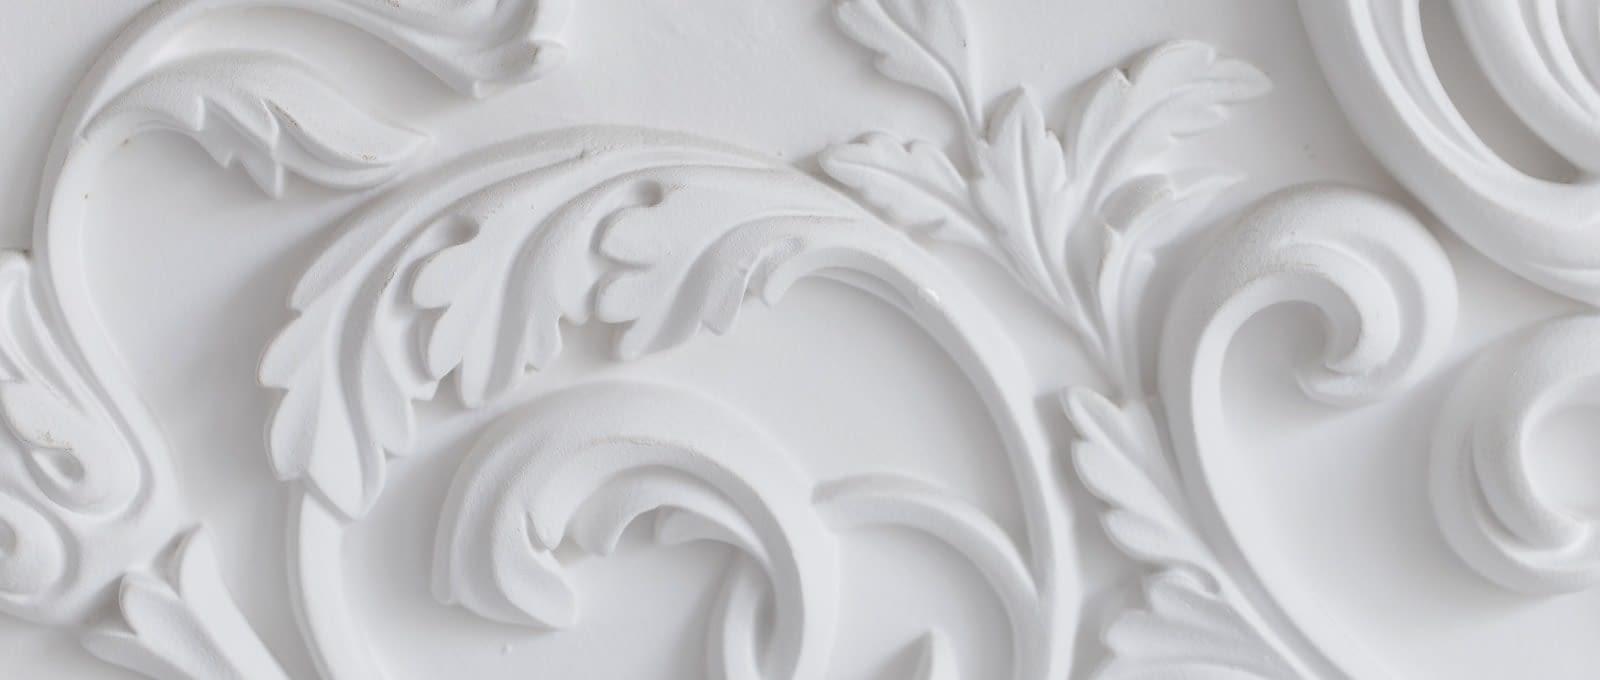 Plaster Restoration - Roof Tile Management